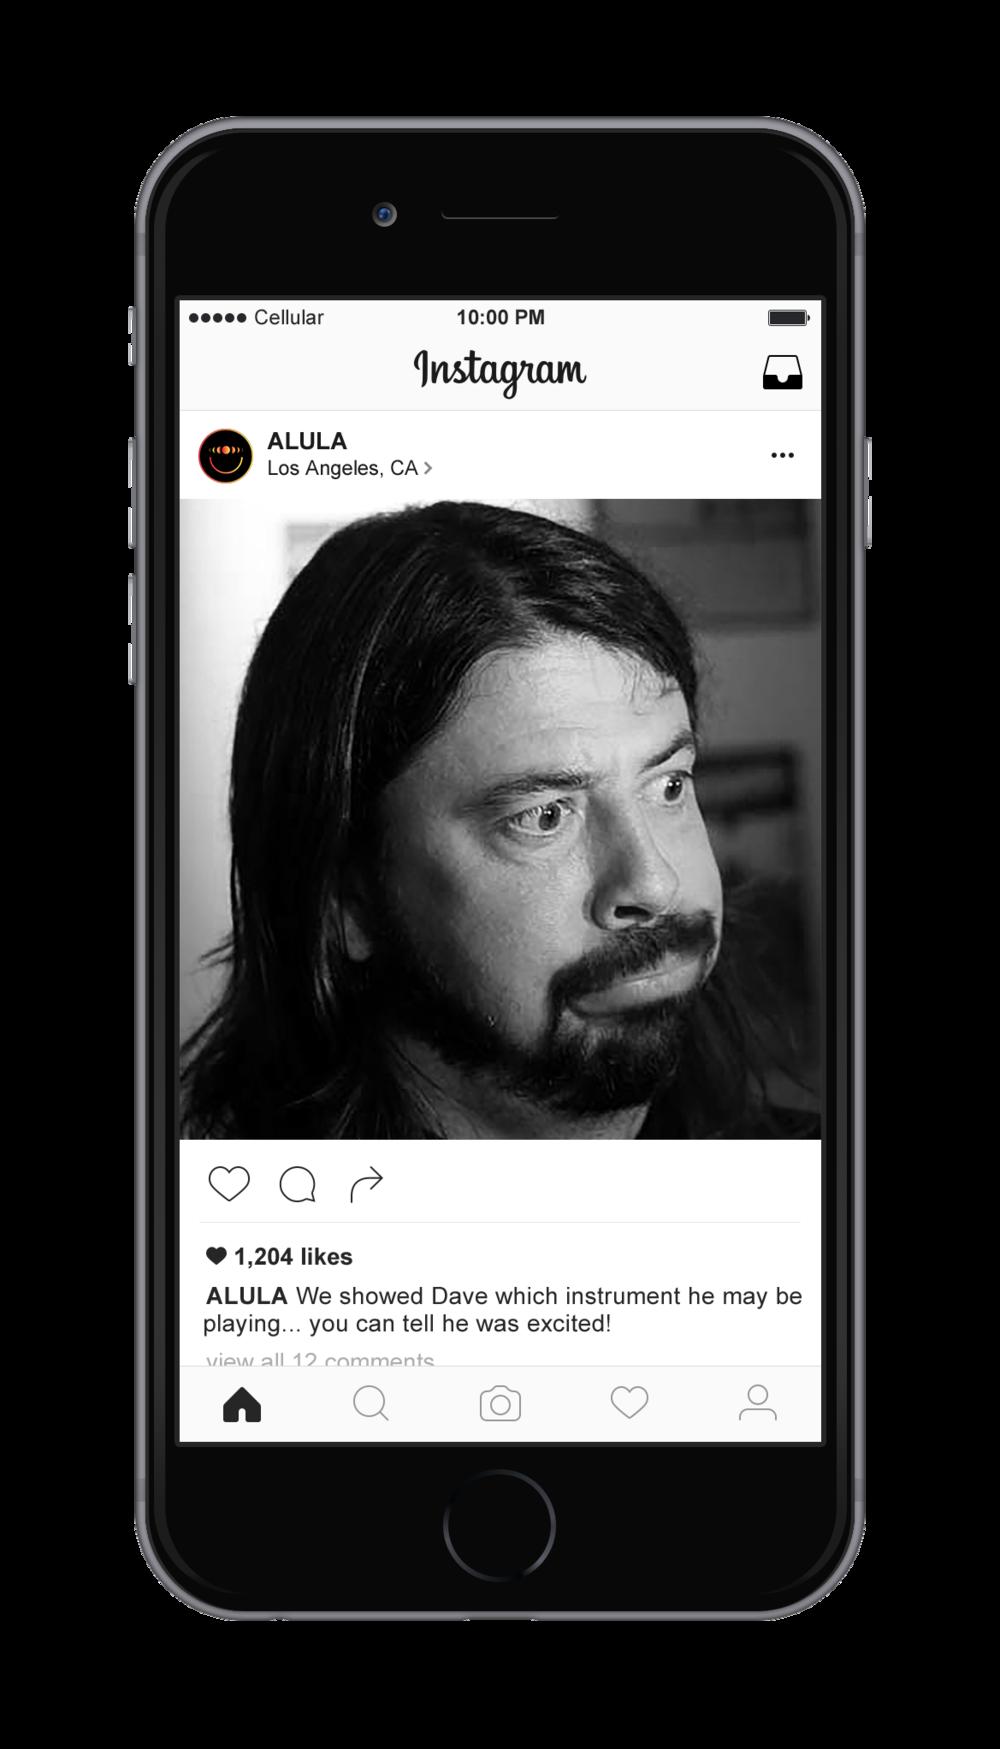 ALULA-Instagram-Mockup-2.png